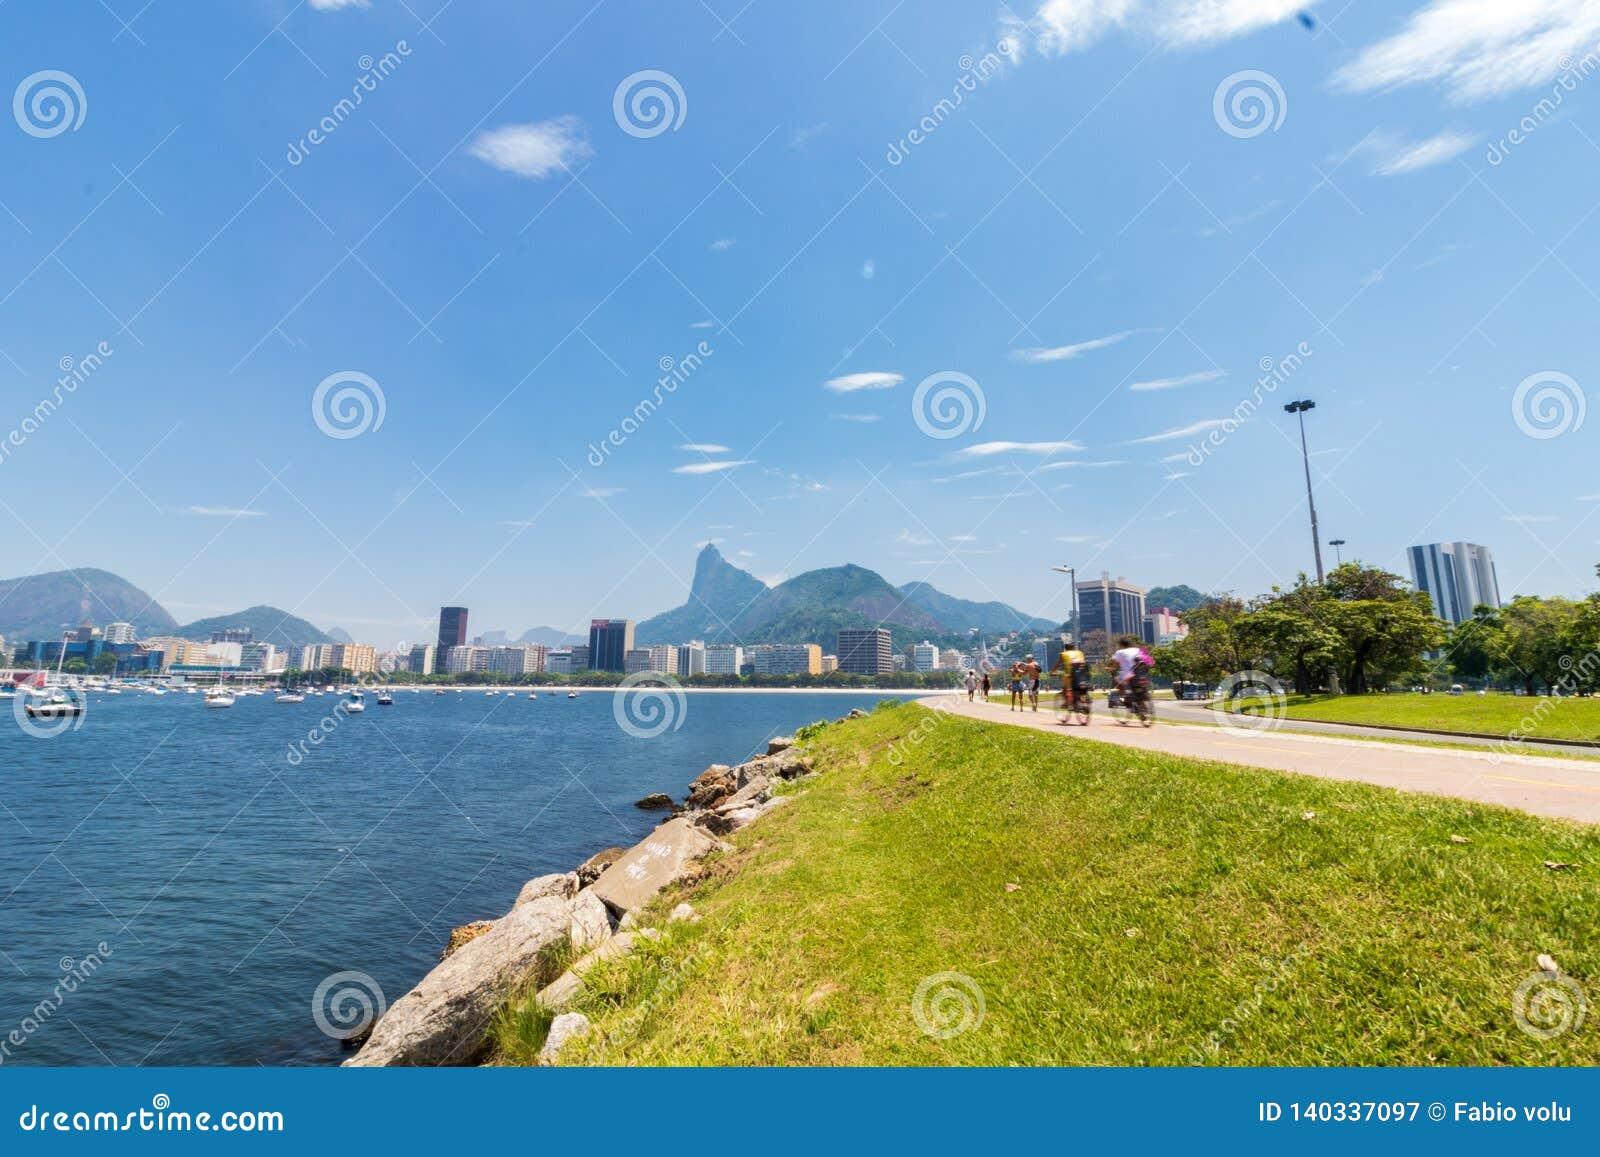 Πανοραμική άποψη πρωινού της παραλίας και του όρμου Botafogo με τα κτήρια, τις βάρκες και τα βουνά του στο Ρίο ντε Τζανέιρο